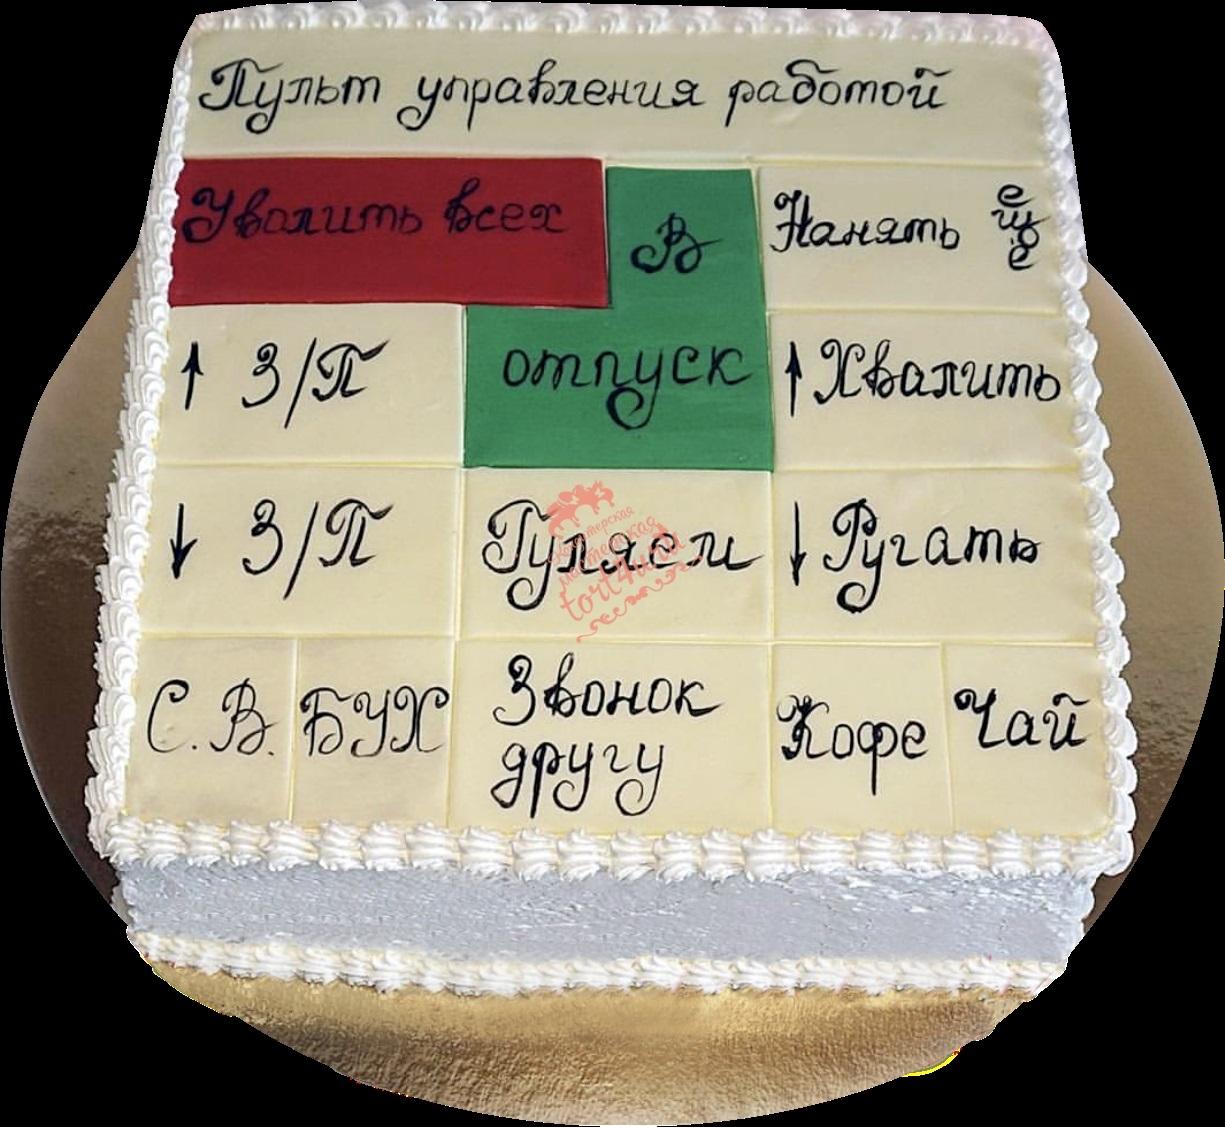 Прикольные идеи тортов на день учителя008